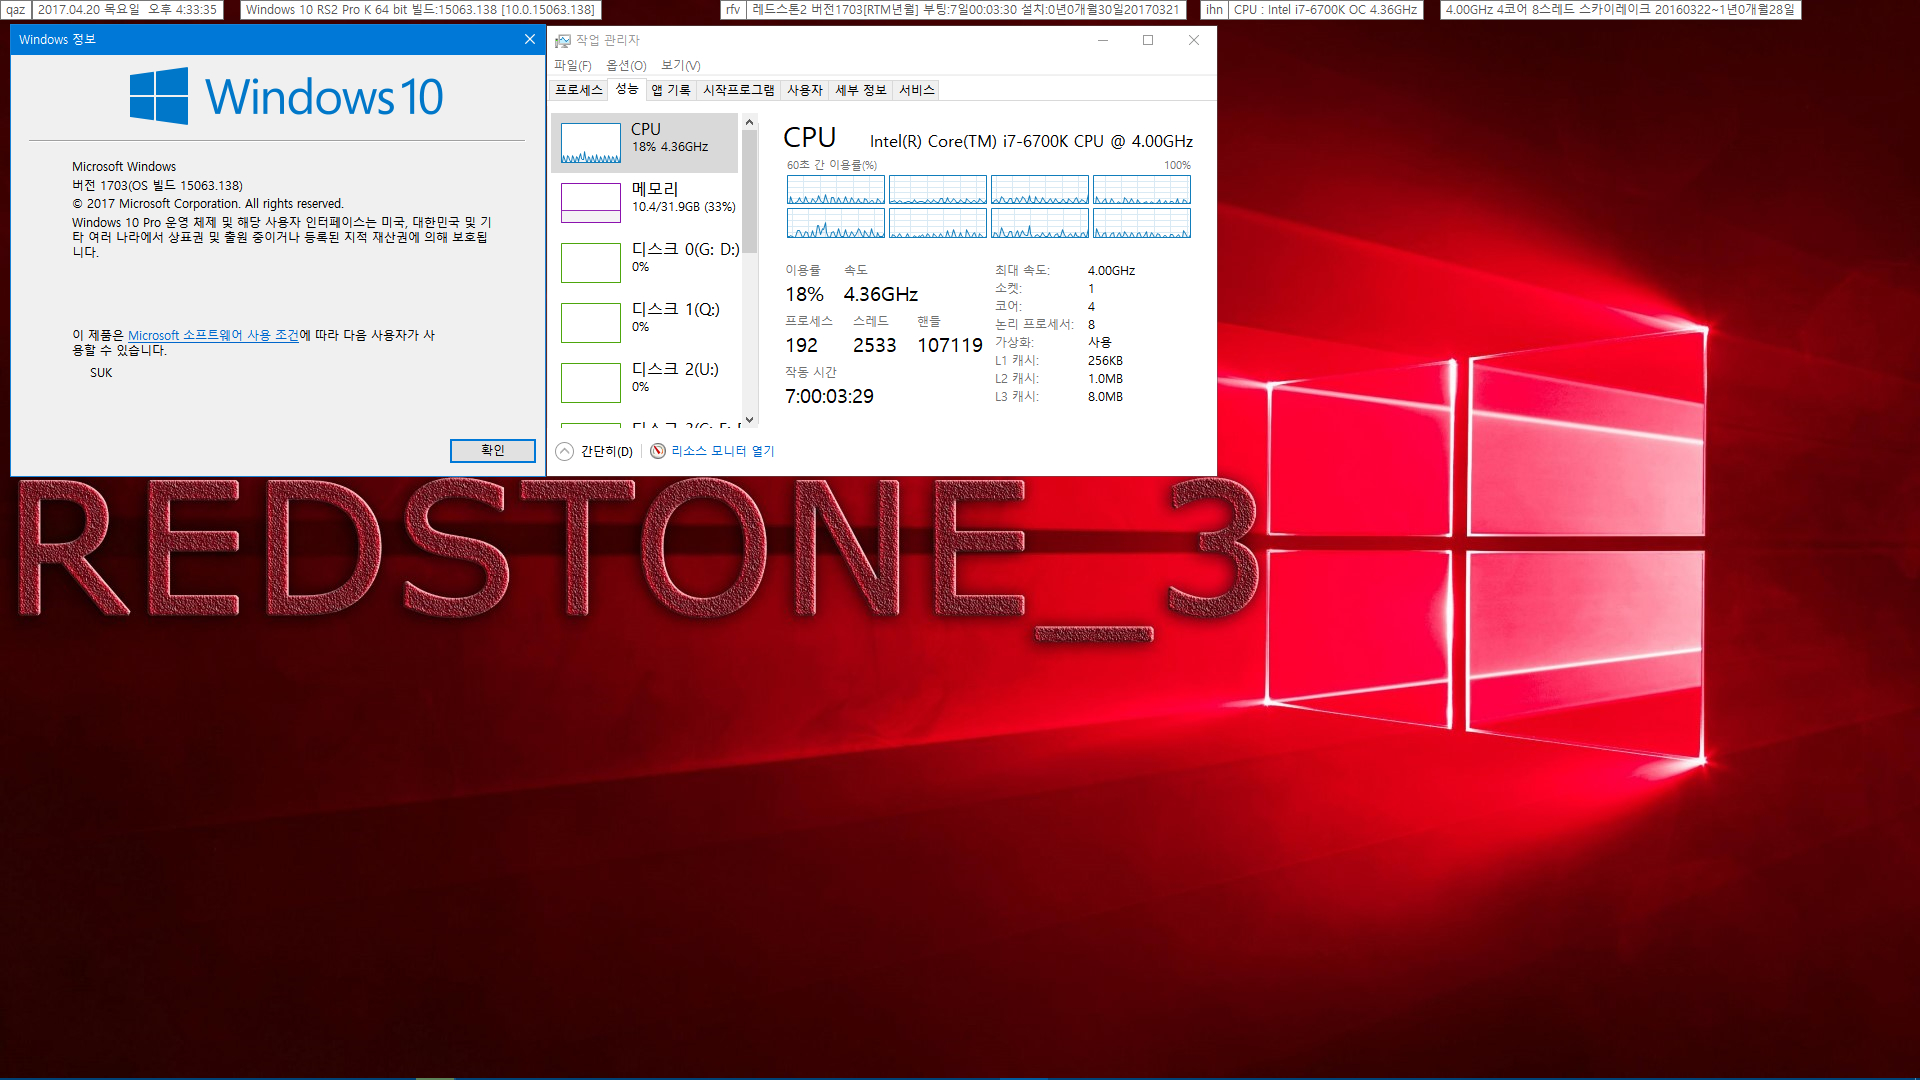 윈도10 레드스톤2 [크리에이터 업데이트] 버전1703 에서 [부팅 7일 신기록] 돌파 기념 스샷 2017-04-20_163339.jpg